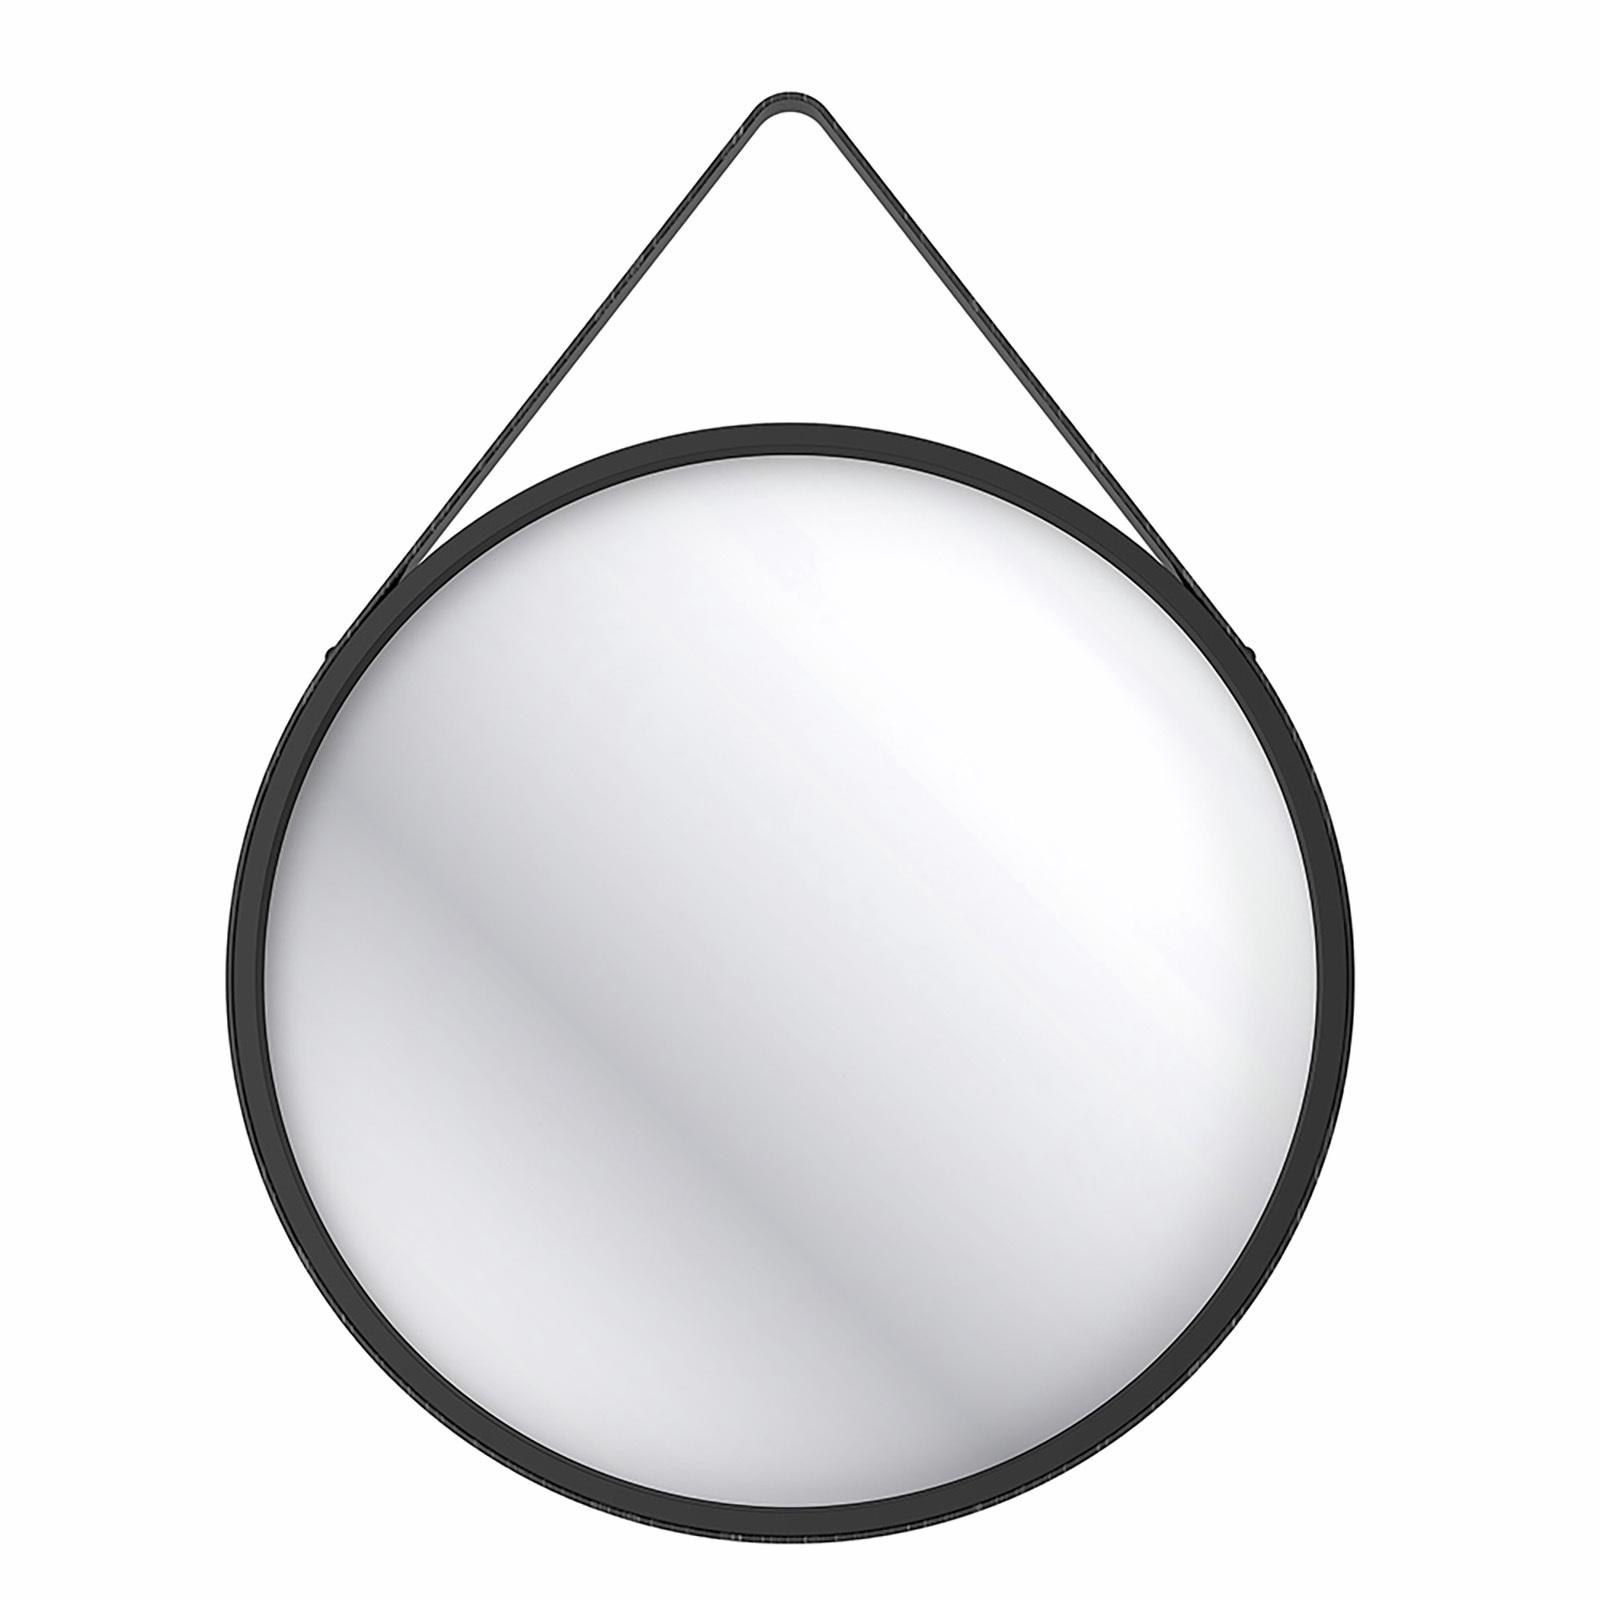 Wet by Home Design 70cm Hanging Round Mirror - Black